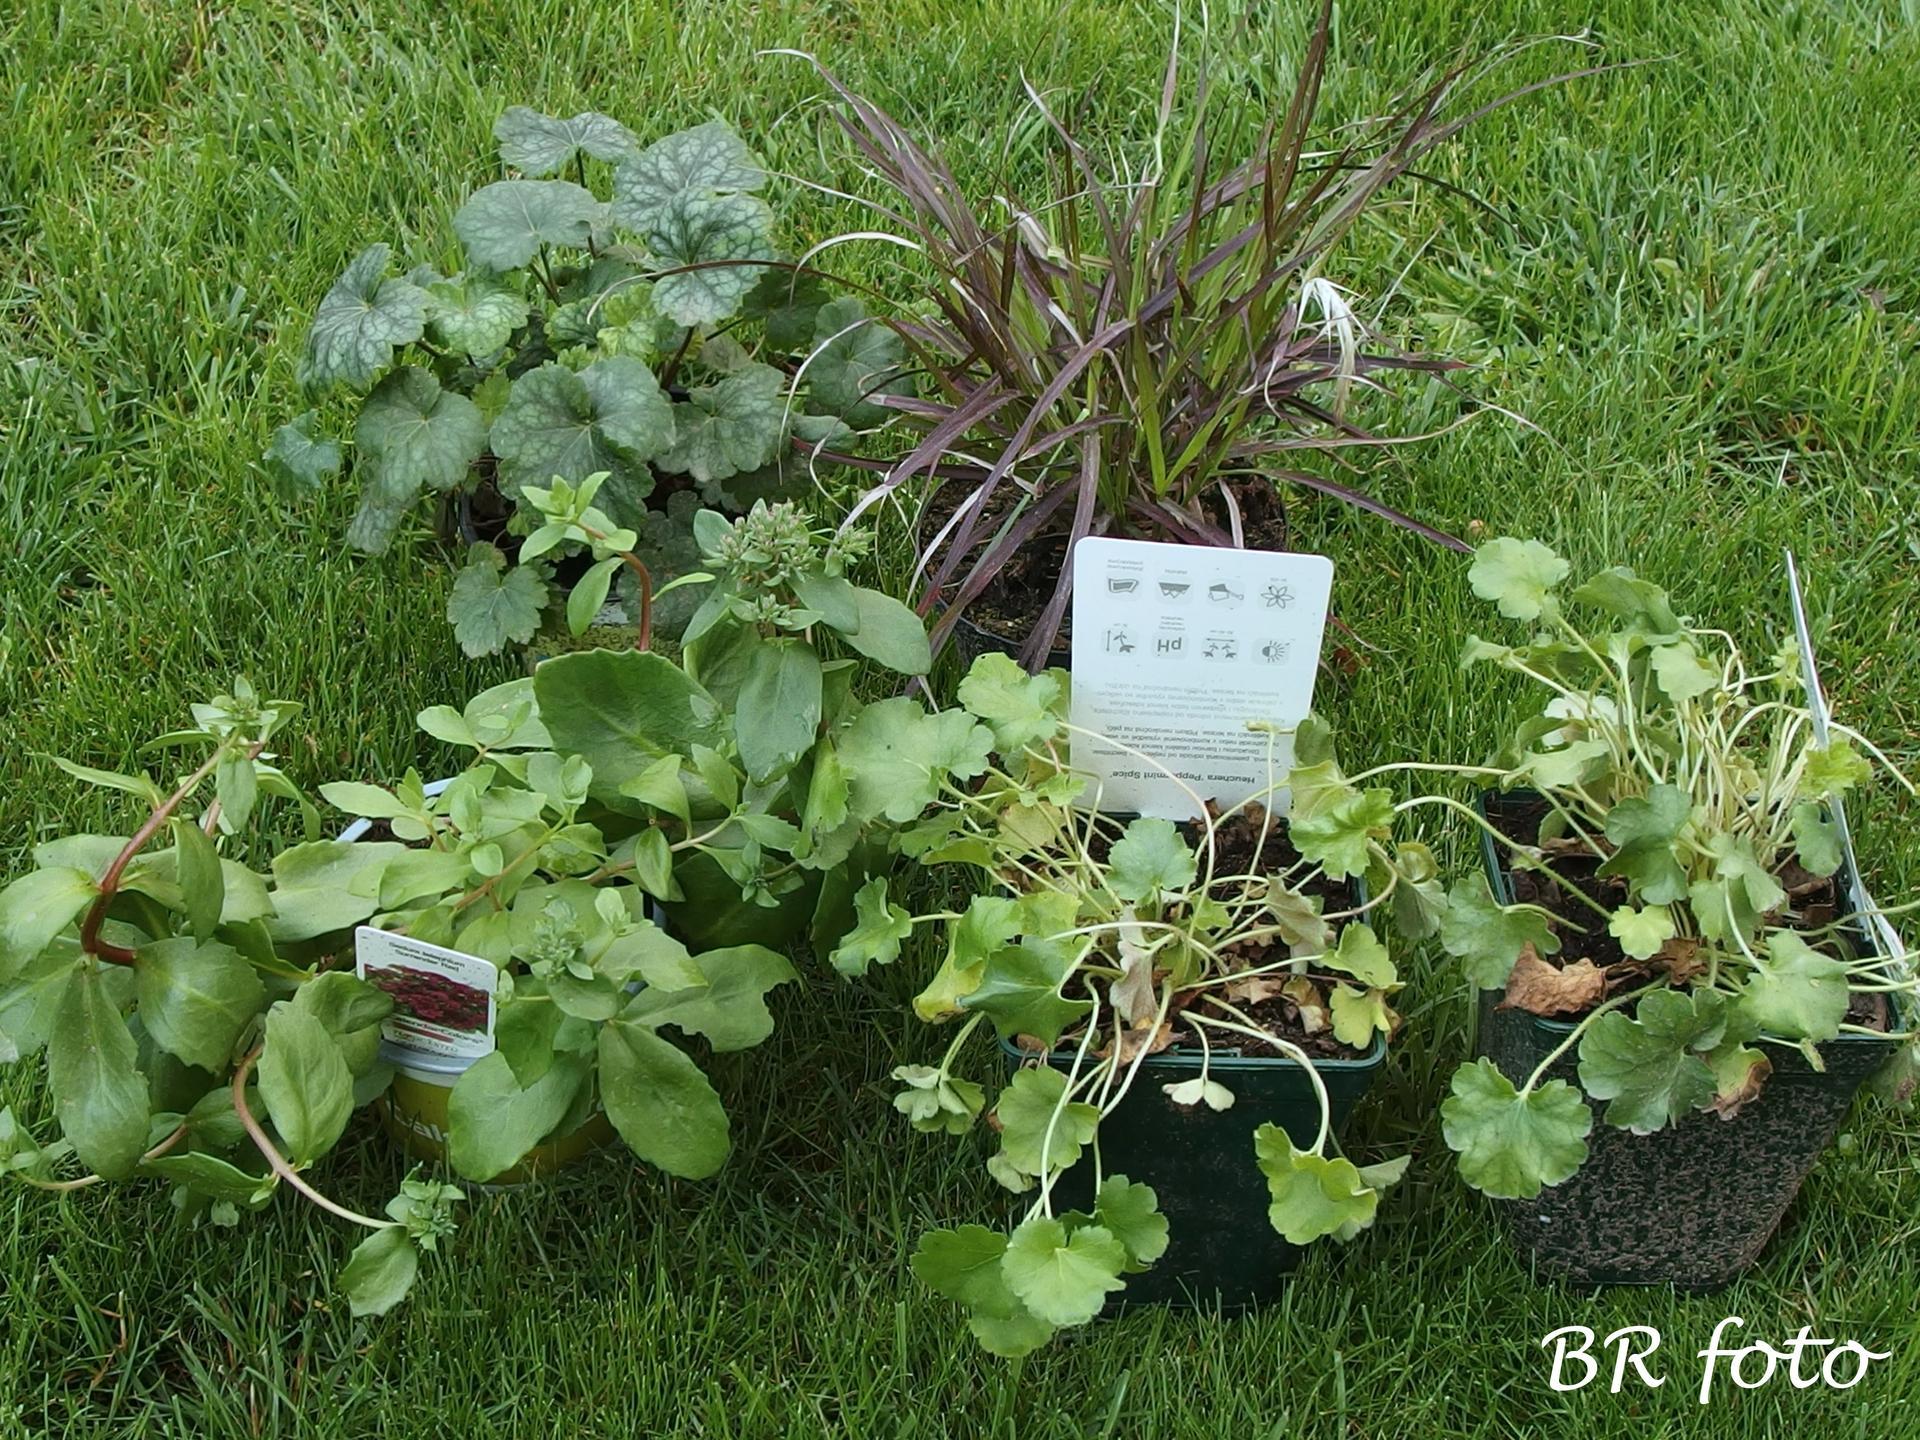 Zahrada v létě - výprodej Hornbach, vyčouhlé a smutné rostliny, bylo mi jich líto....